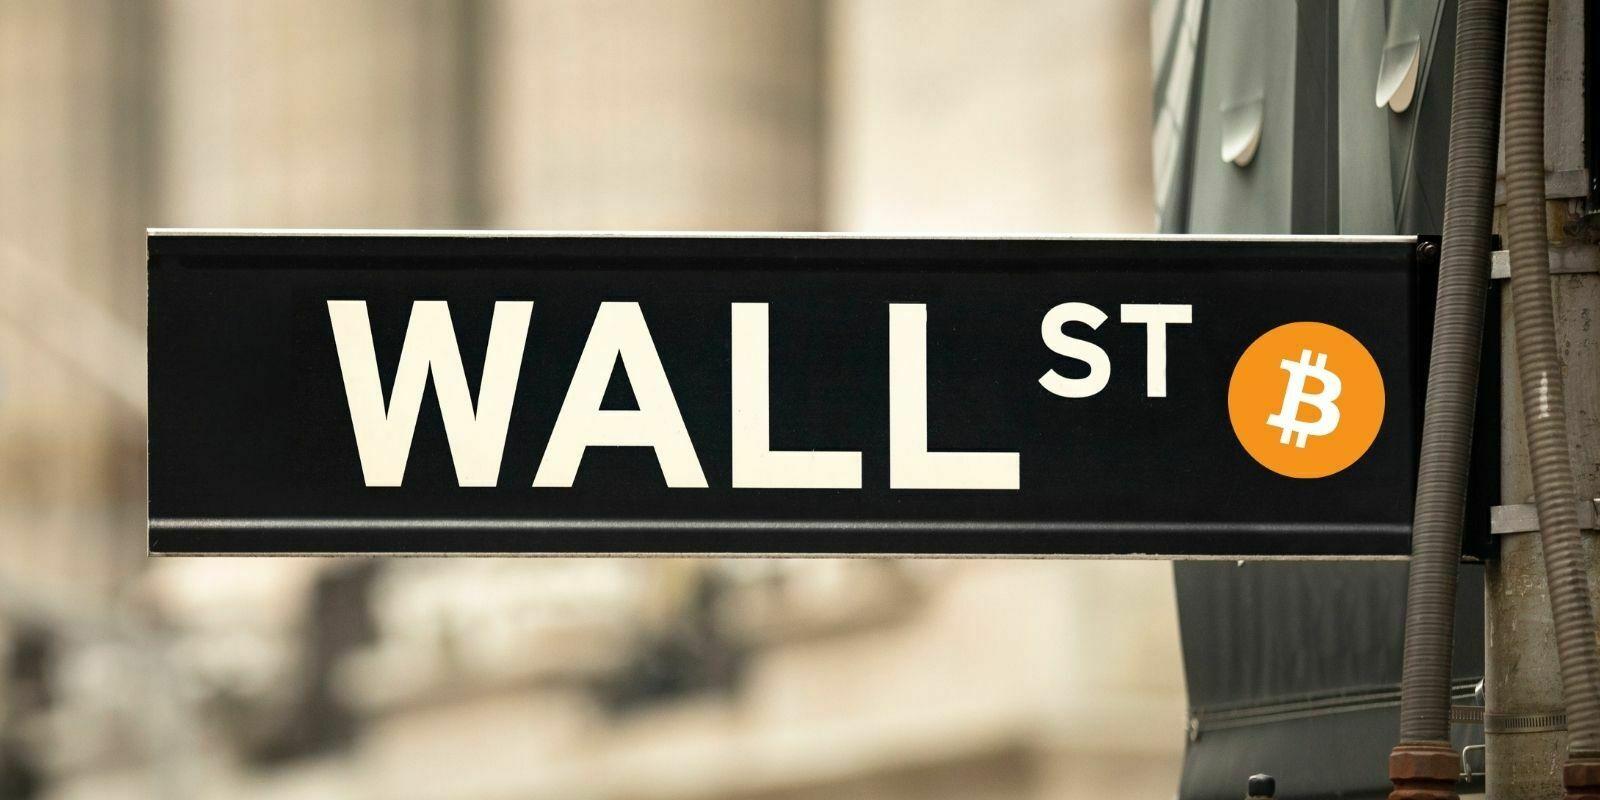 Bitcoin arrive à Wall Street - Des indices sur les cryptomonnaies seront lancés en 2021 par S&P DJI